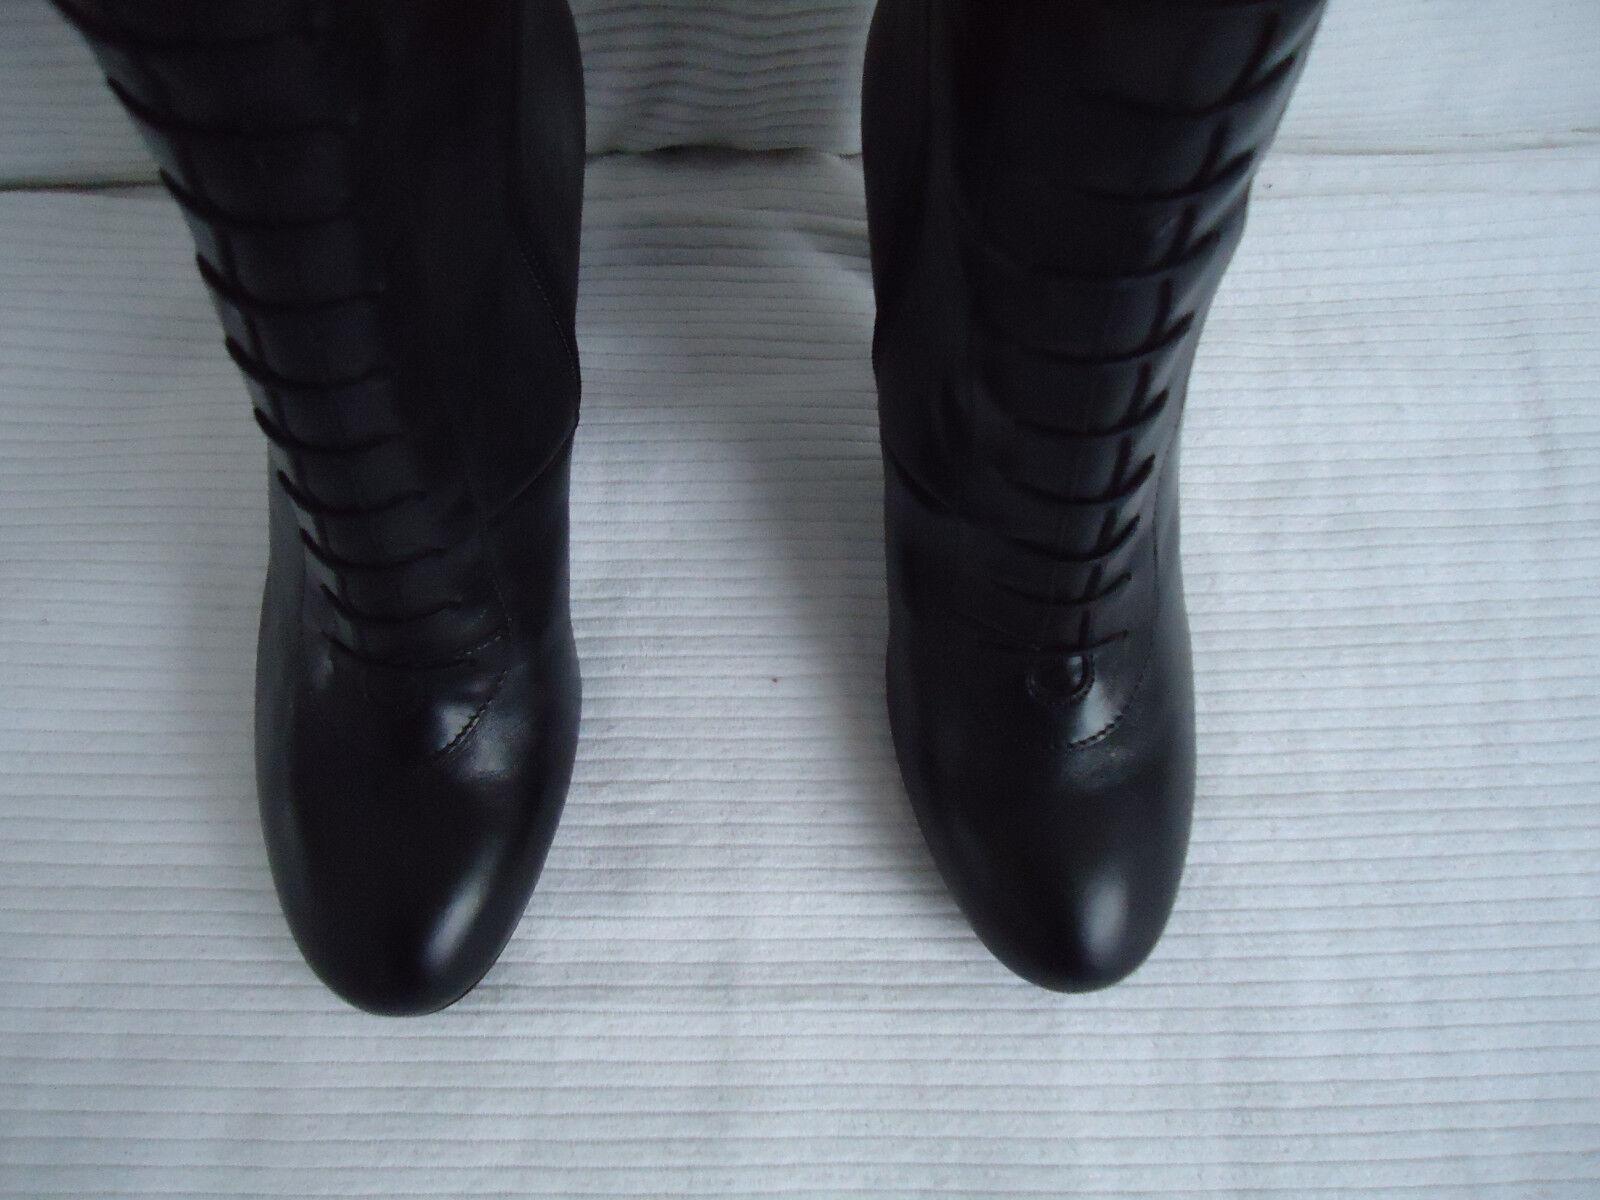 Damen Made Stiefel von CRISTHELEN,  Made Damen in ITALY, Größe 37 neu 43ab90